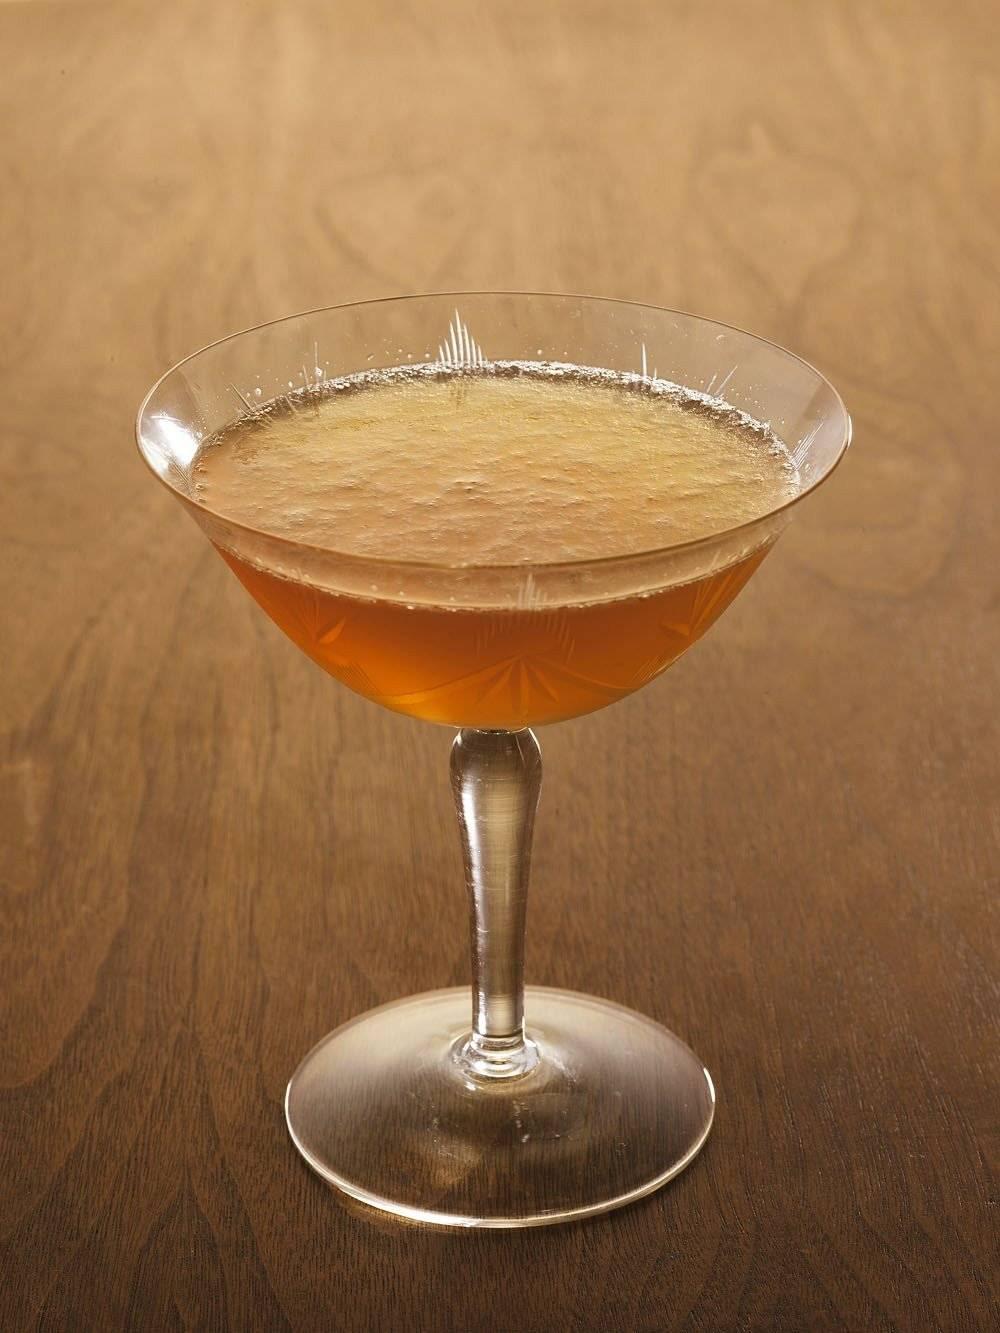 Как приготовить коктейль дайкири по пошаговому рецепту с фото